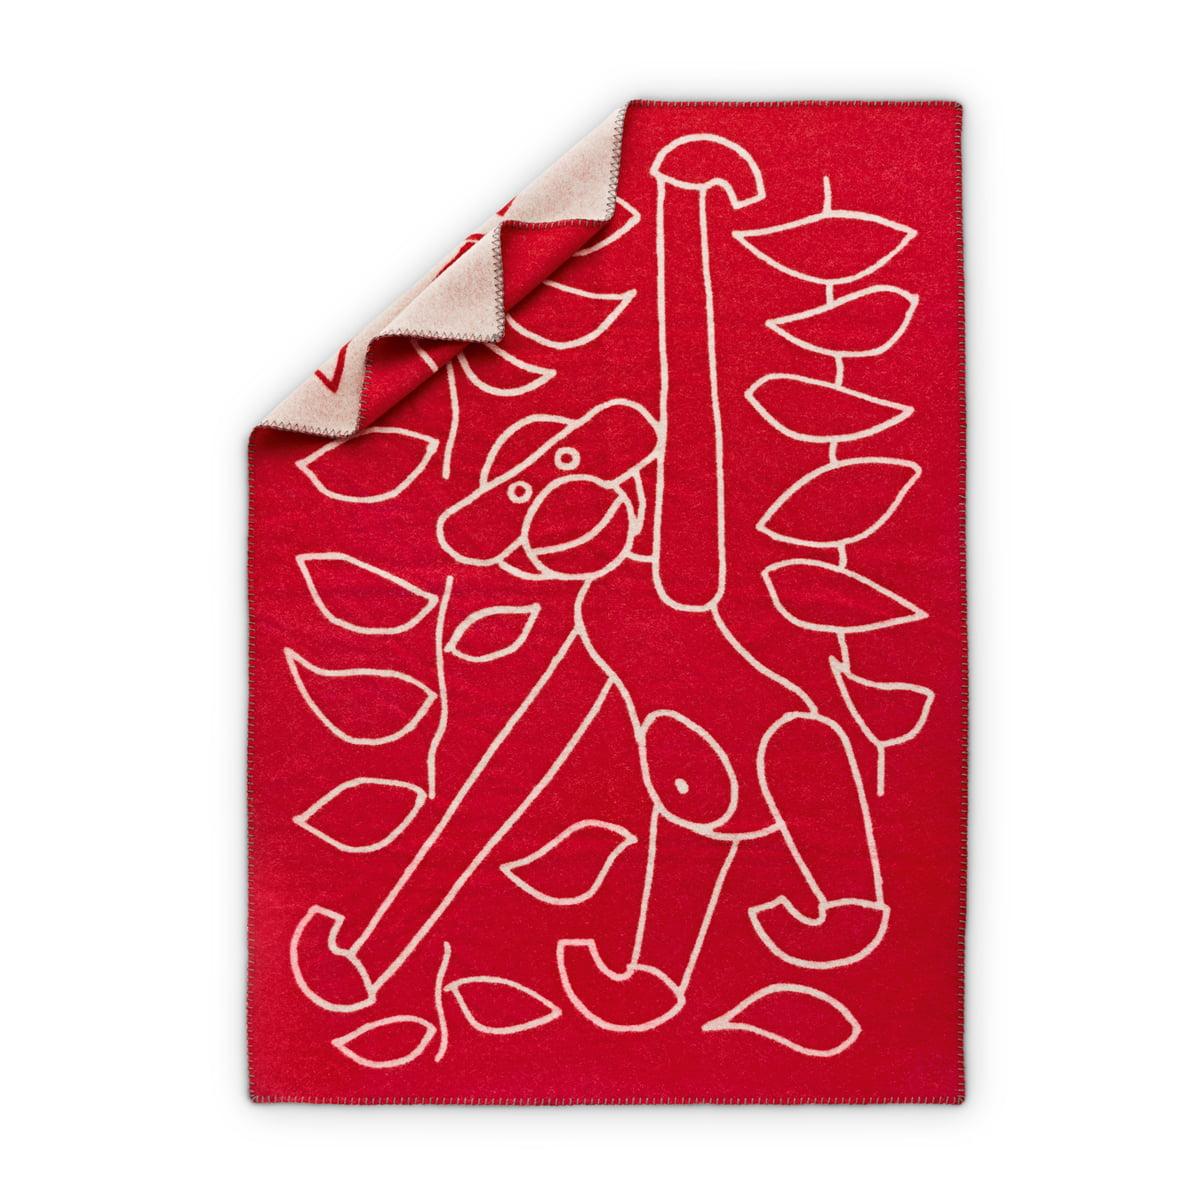 Kay Bojesen - Kinderdecke 80 x 120 cm, rot | Kinderzimmer > Textilien für Kinder > Kinderbettwäsche | Rot | Kay Bojesen